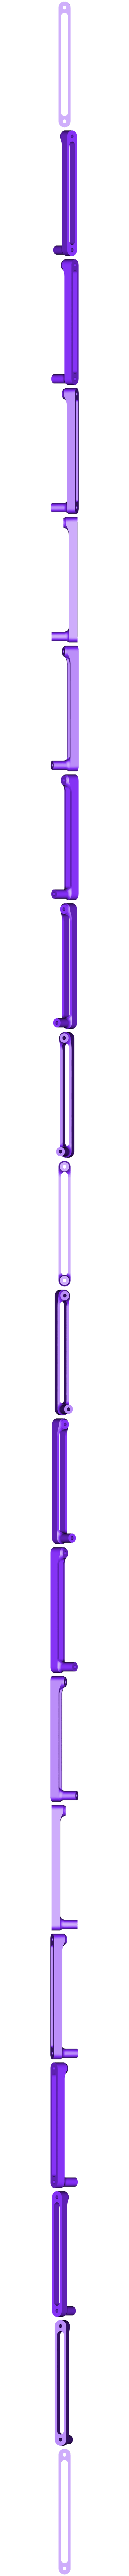 link_2.STL Télécharger fichier STL gratuit Mécanisme de mise en forme (mécanisme de retour rapide) • Design pour imprimante 3D, YEHIA